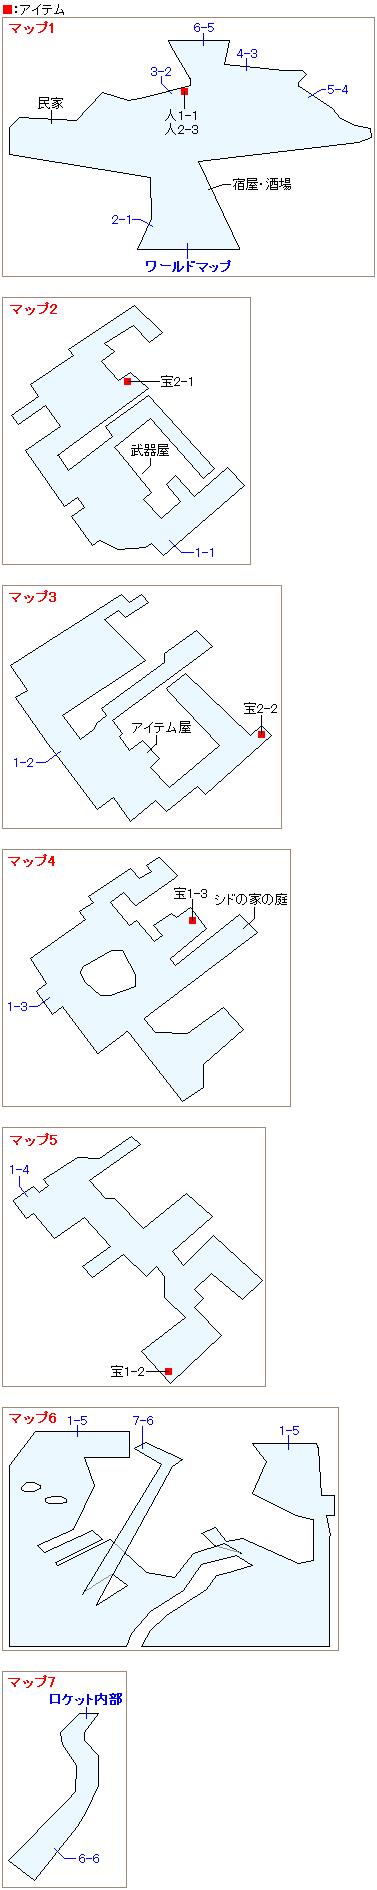 ロケット村のマップ